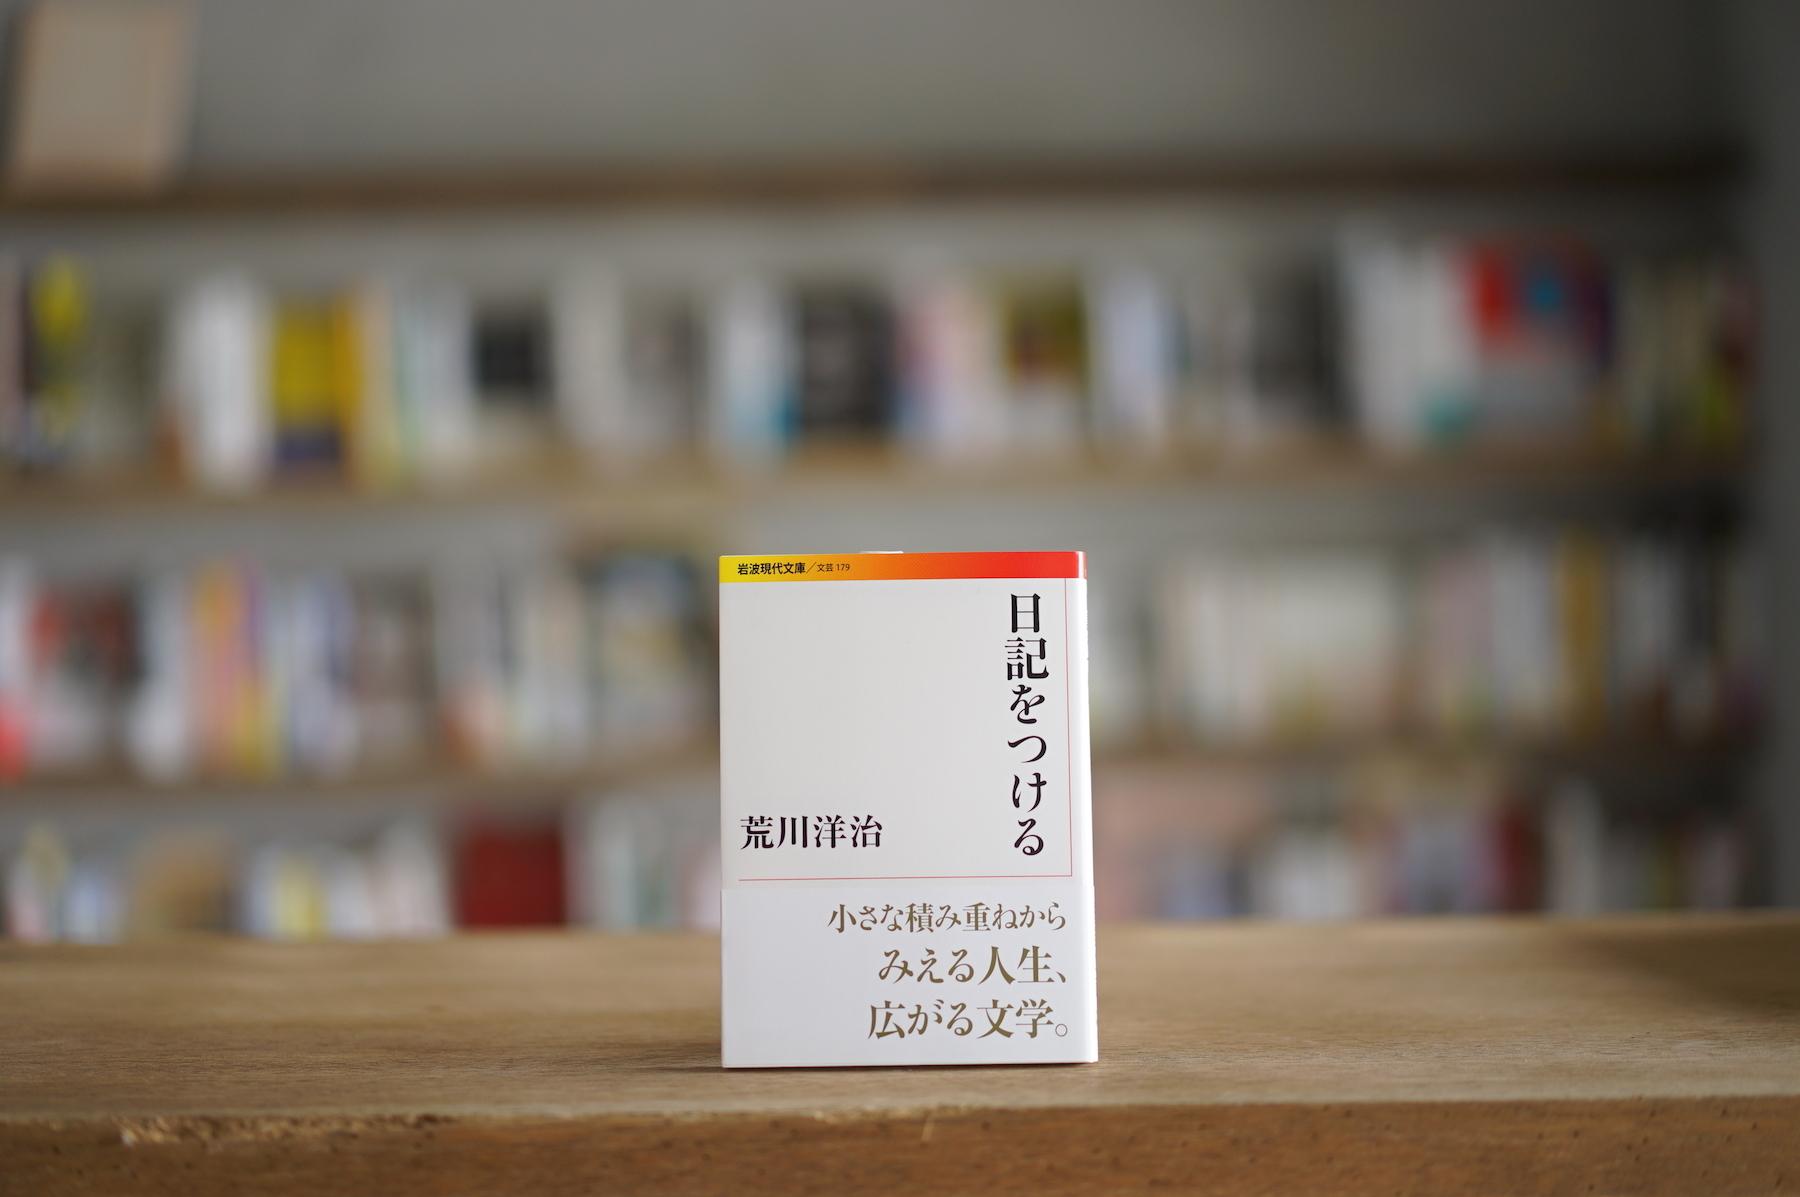 荒川洋治 『日記をつける』 (岩波書店、2010)